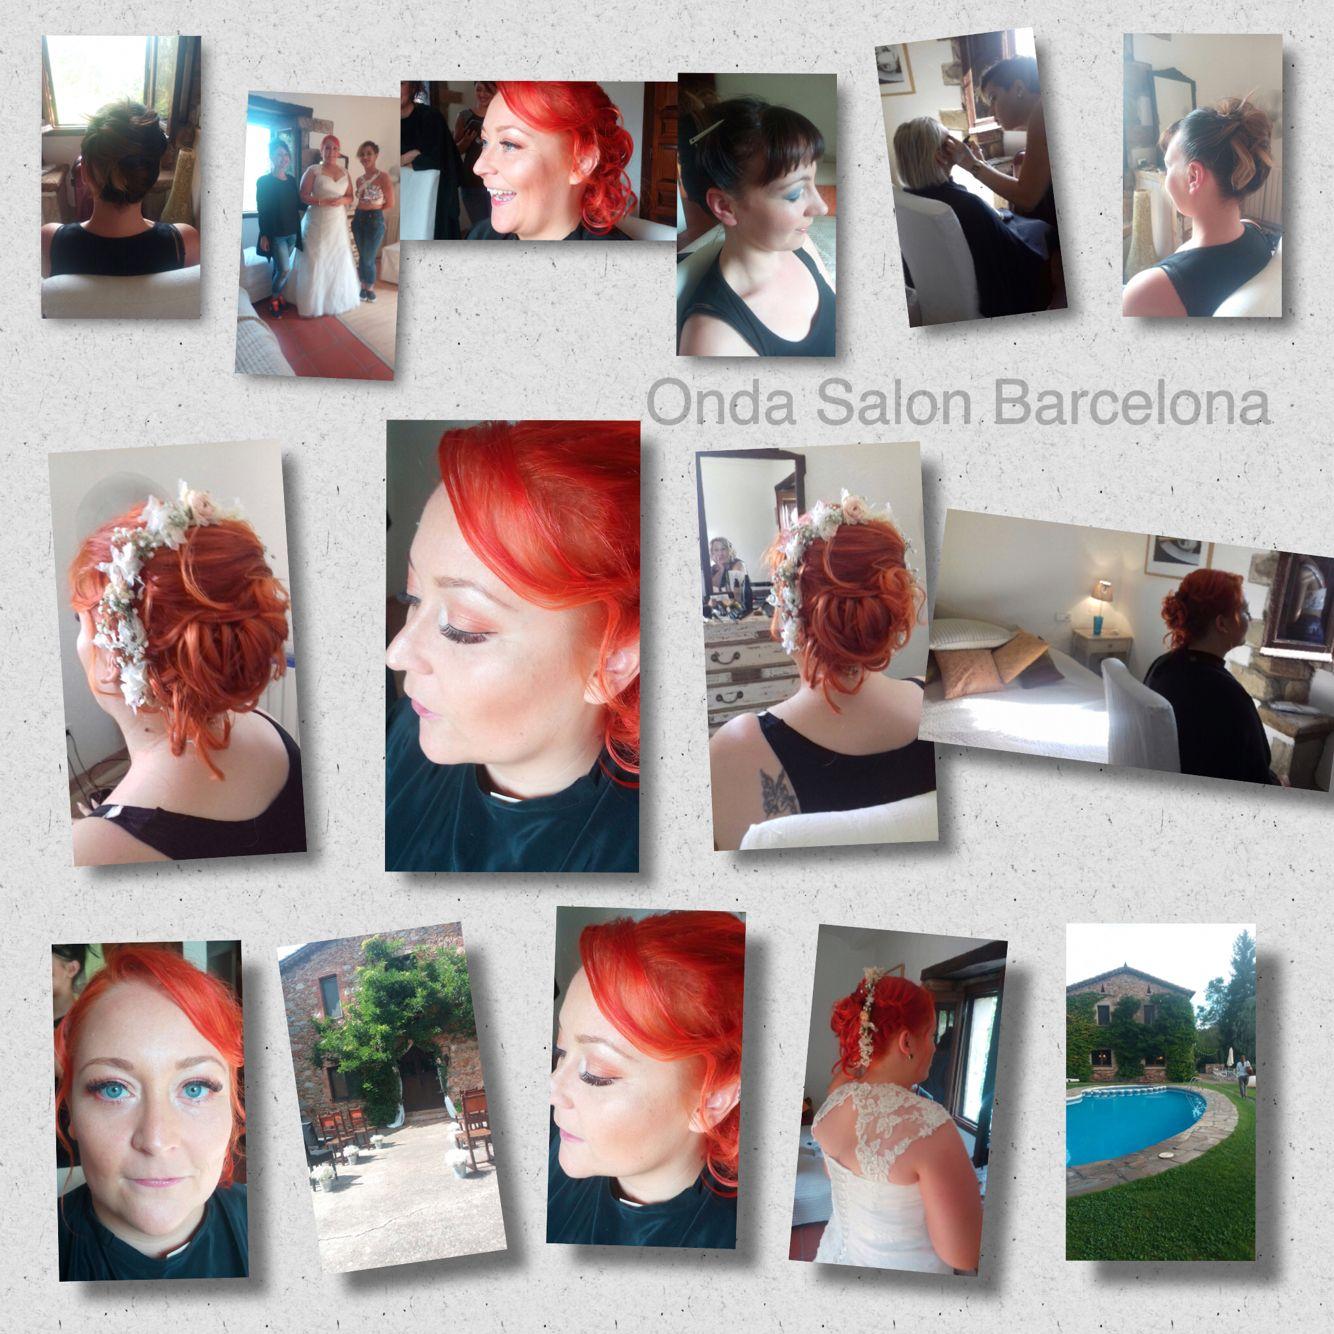 Día de boda para Onda Salon en una casa rural de Arbucies - Wedding day for Onda Salon at a country house in #arbucies, hair and makeup by THE ONDA SALON TEAM.  #diadeboda #weddingday #peinados #recogidos #maquillaje #hairstyles #hairup #makeup #diadebodabarcelona #weddingdaybarcelona #peluqueriabarcelona #ondasalobarcelona #peluqueria #ondasalon #ondasalonteam #peluqueriabarceloneta #barceloneta #barcelona